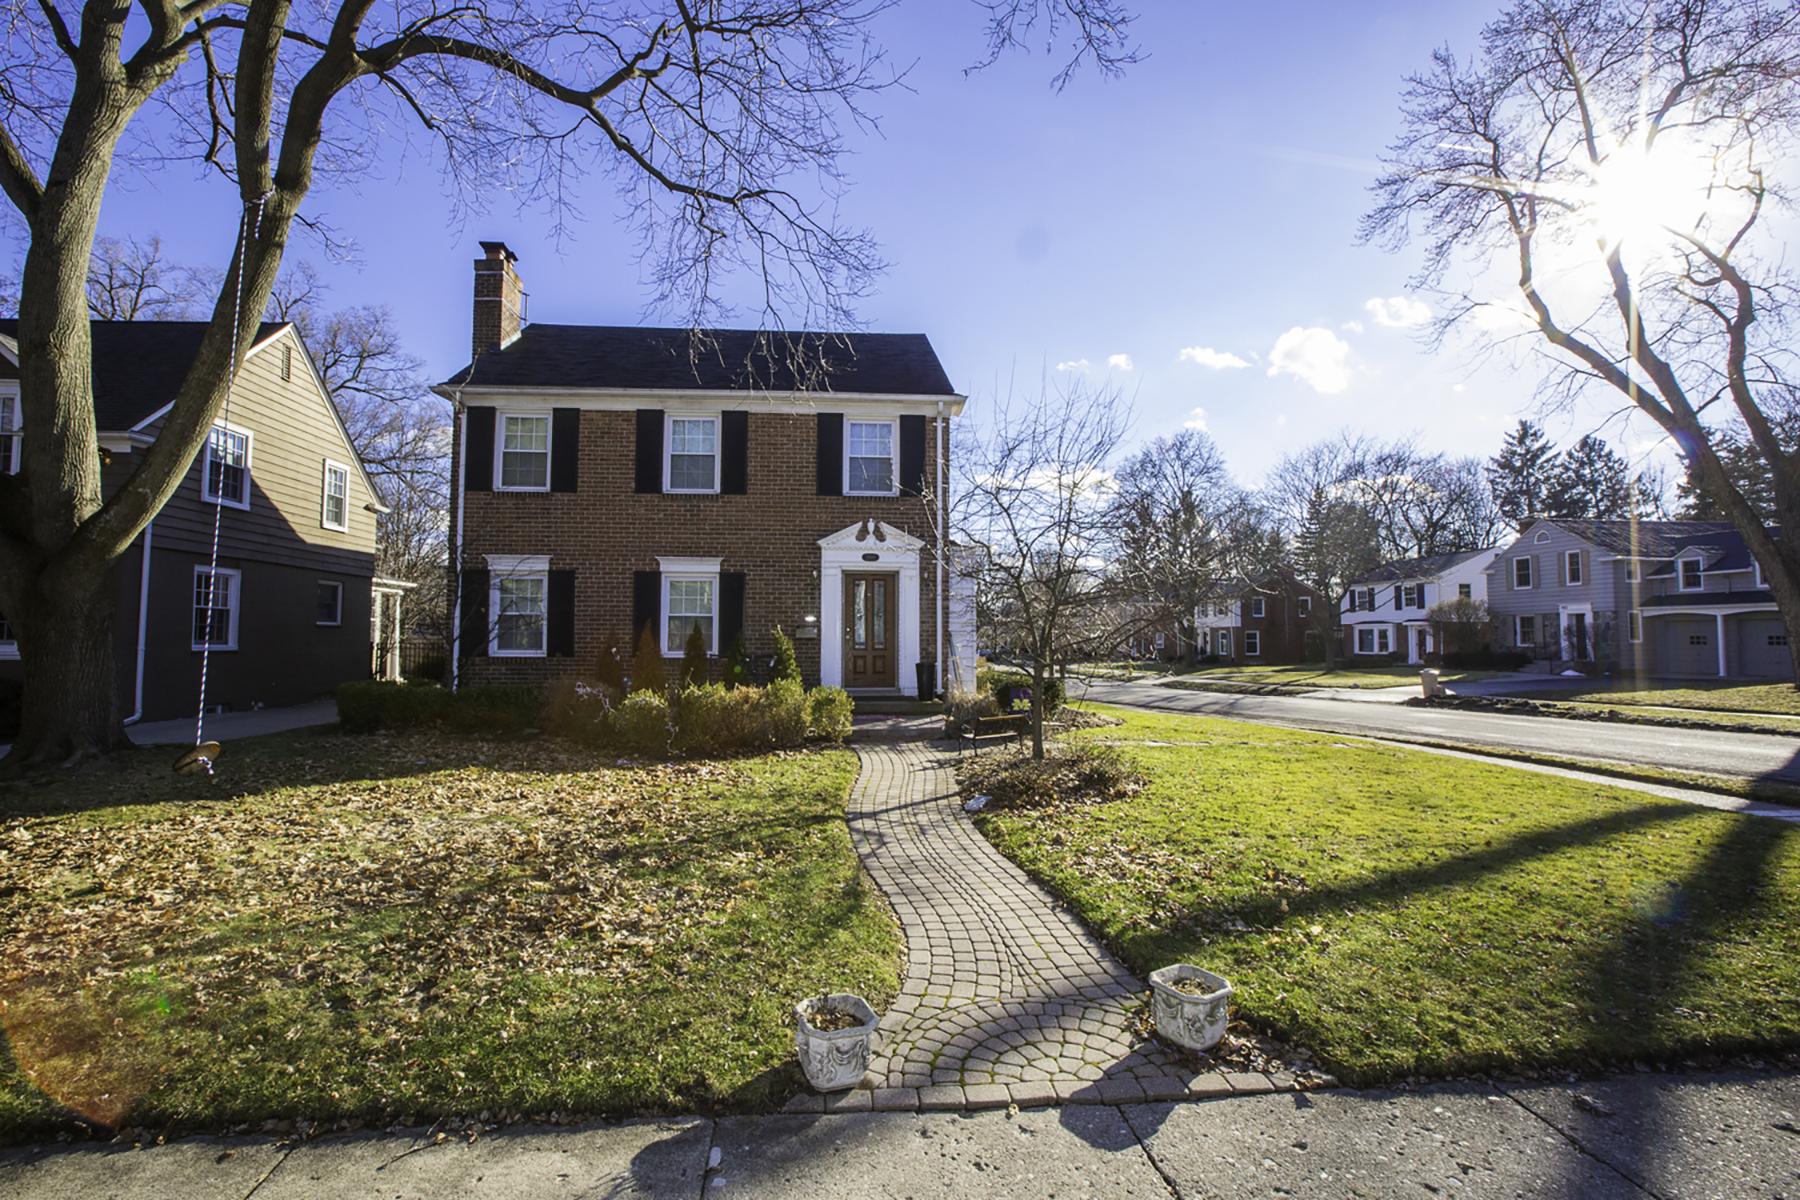 独户住宅 为 销售 在 Birmingham 1889 Pine Street 伯明翰, 密歇根州, 48009 美国